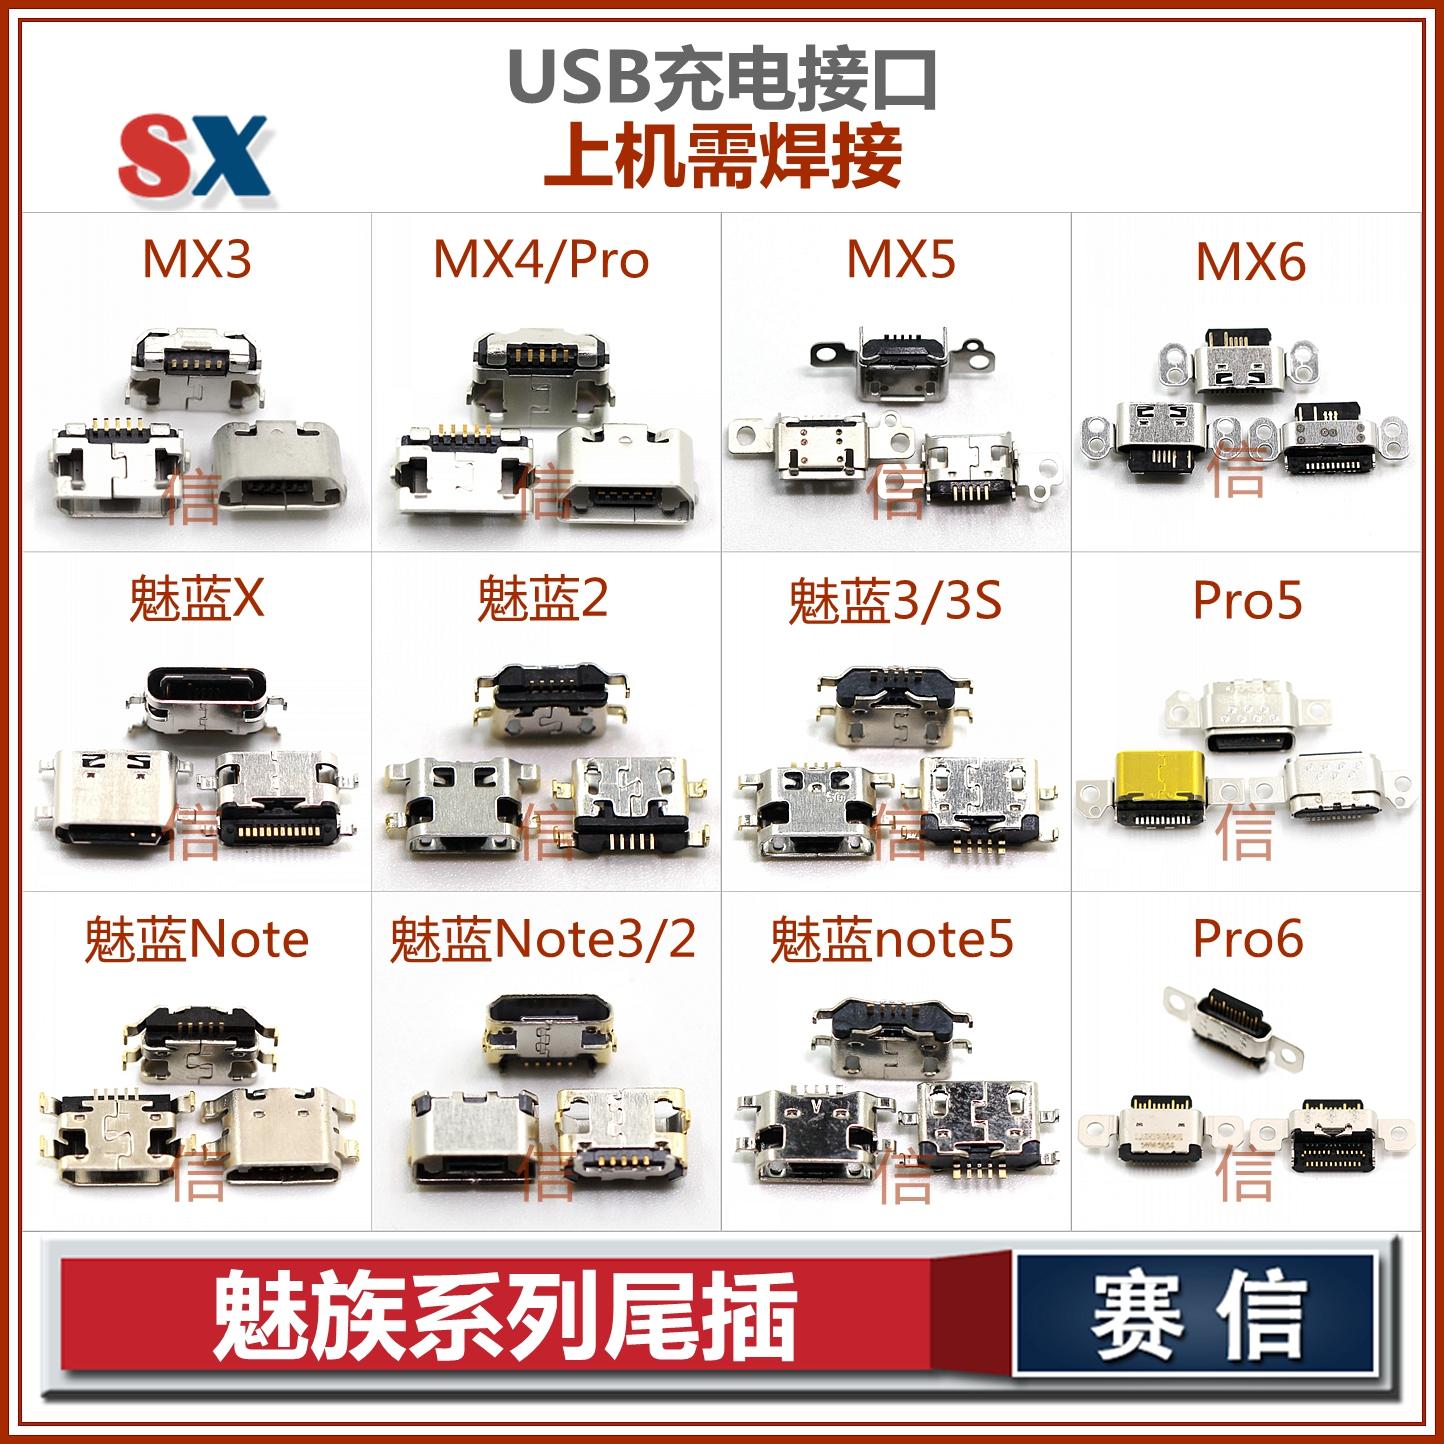 魅族MX3 MX4 MX5 mx6 尾插 魅蓝NOTE2 3 pro5 6 note5 魅蓝X尾插